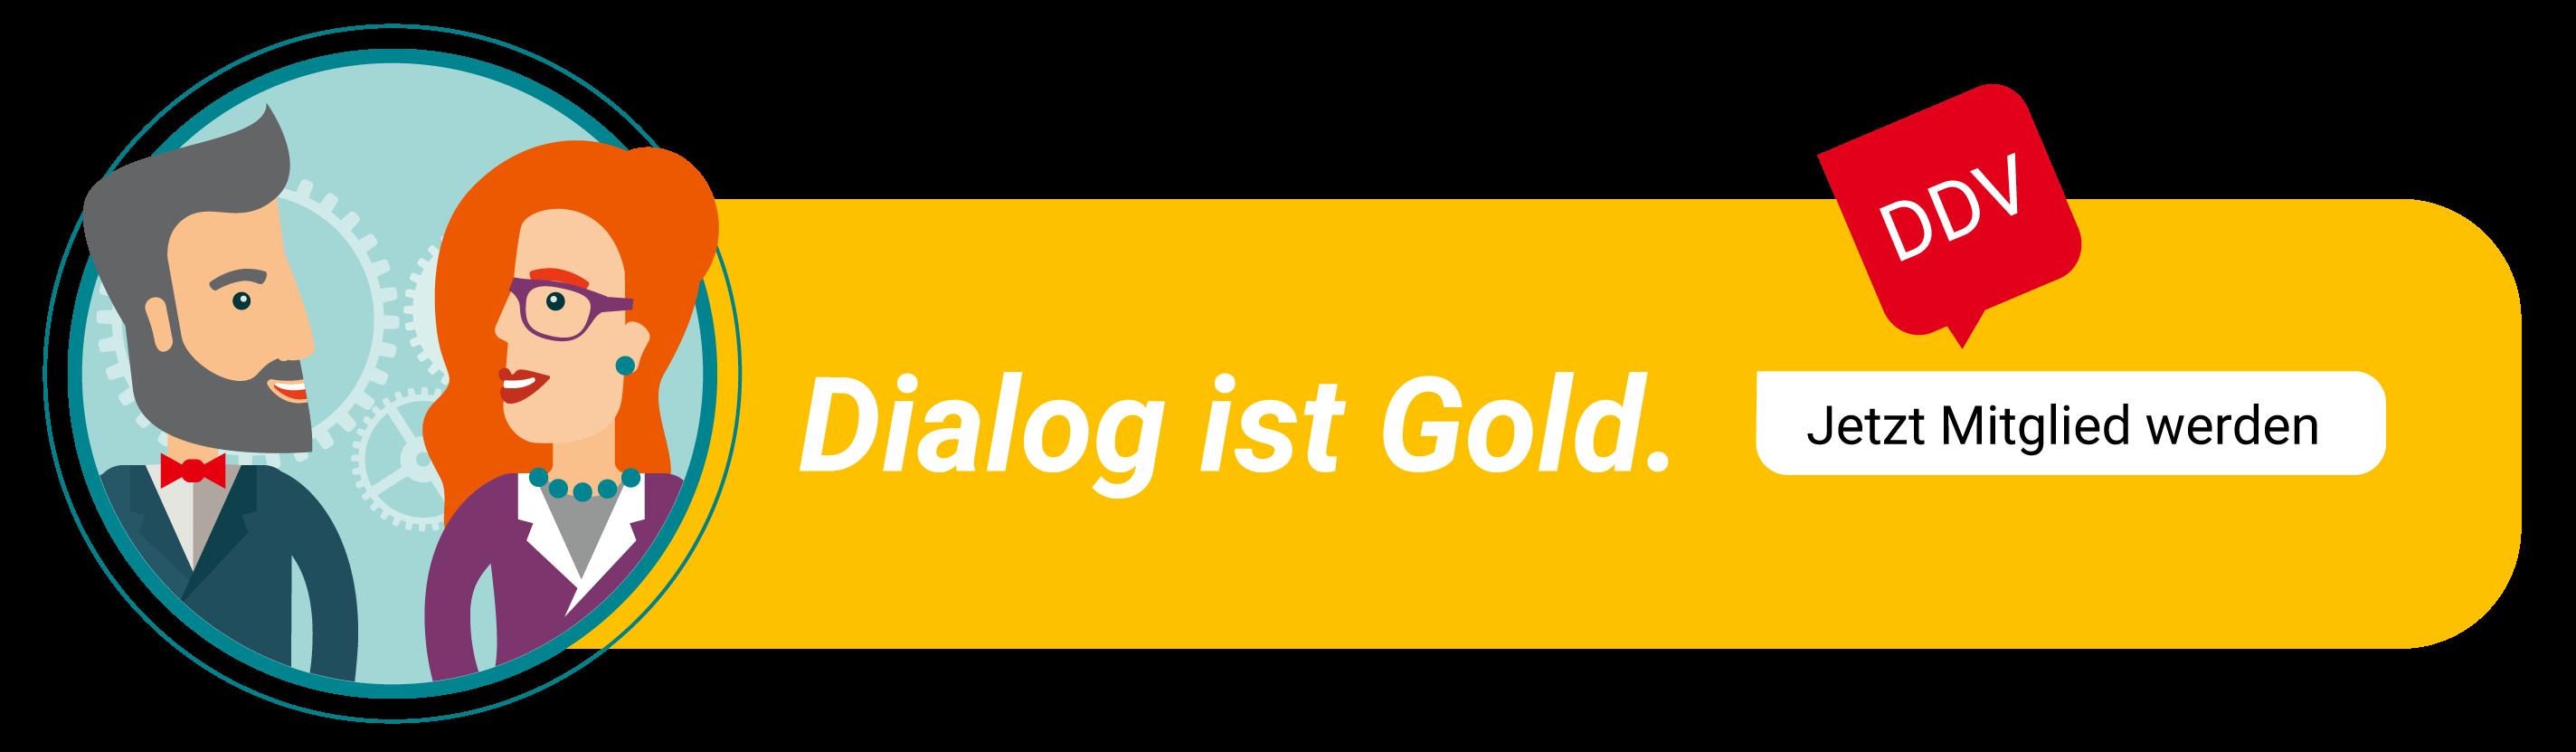 DDV Mitglied werden - Dialog ist Gold max